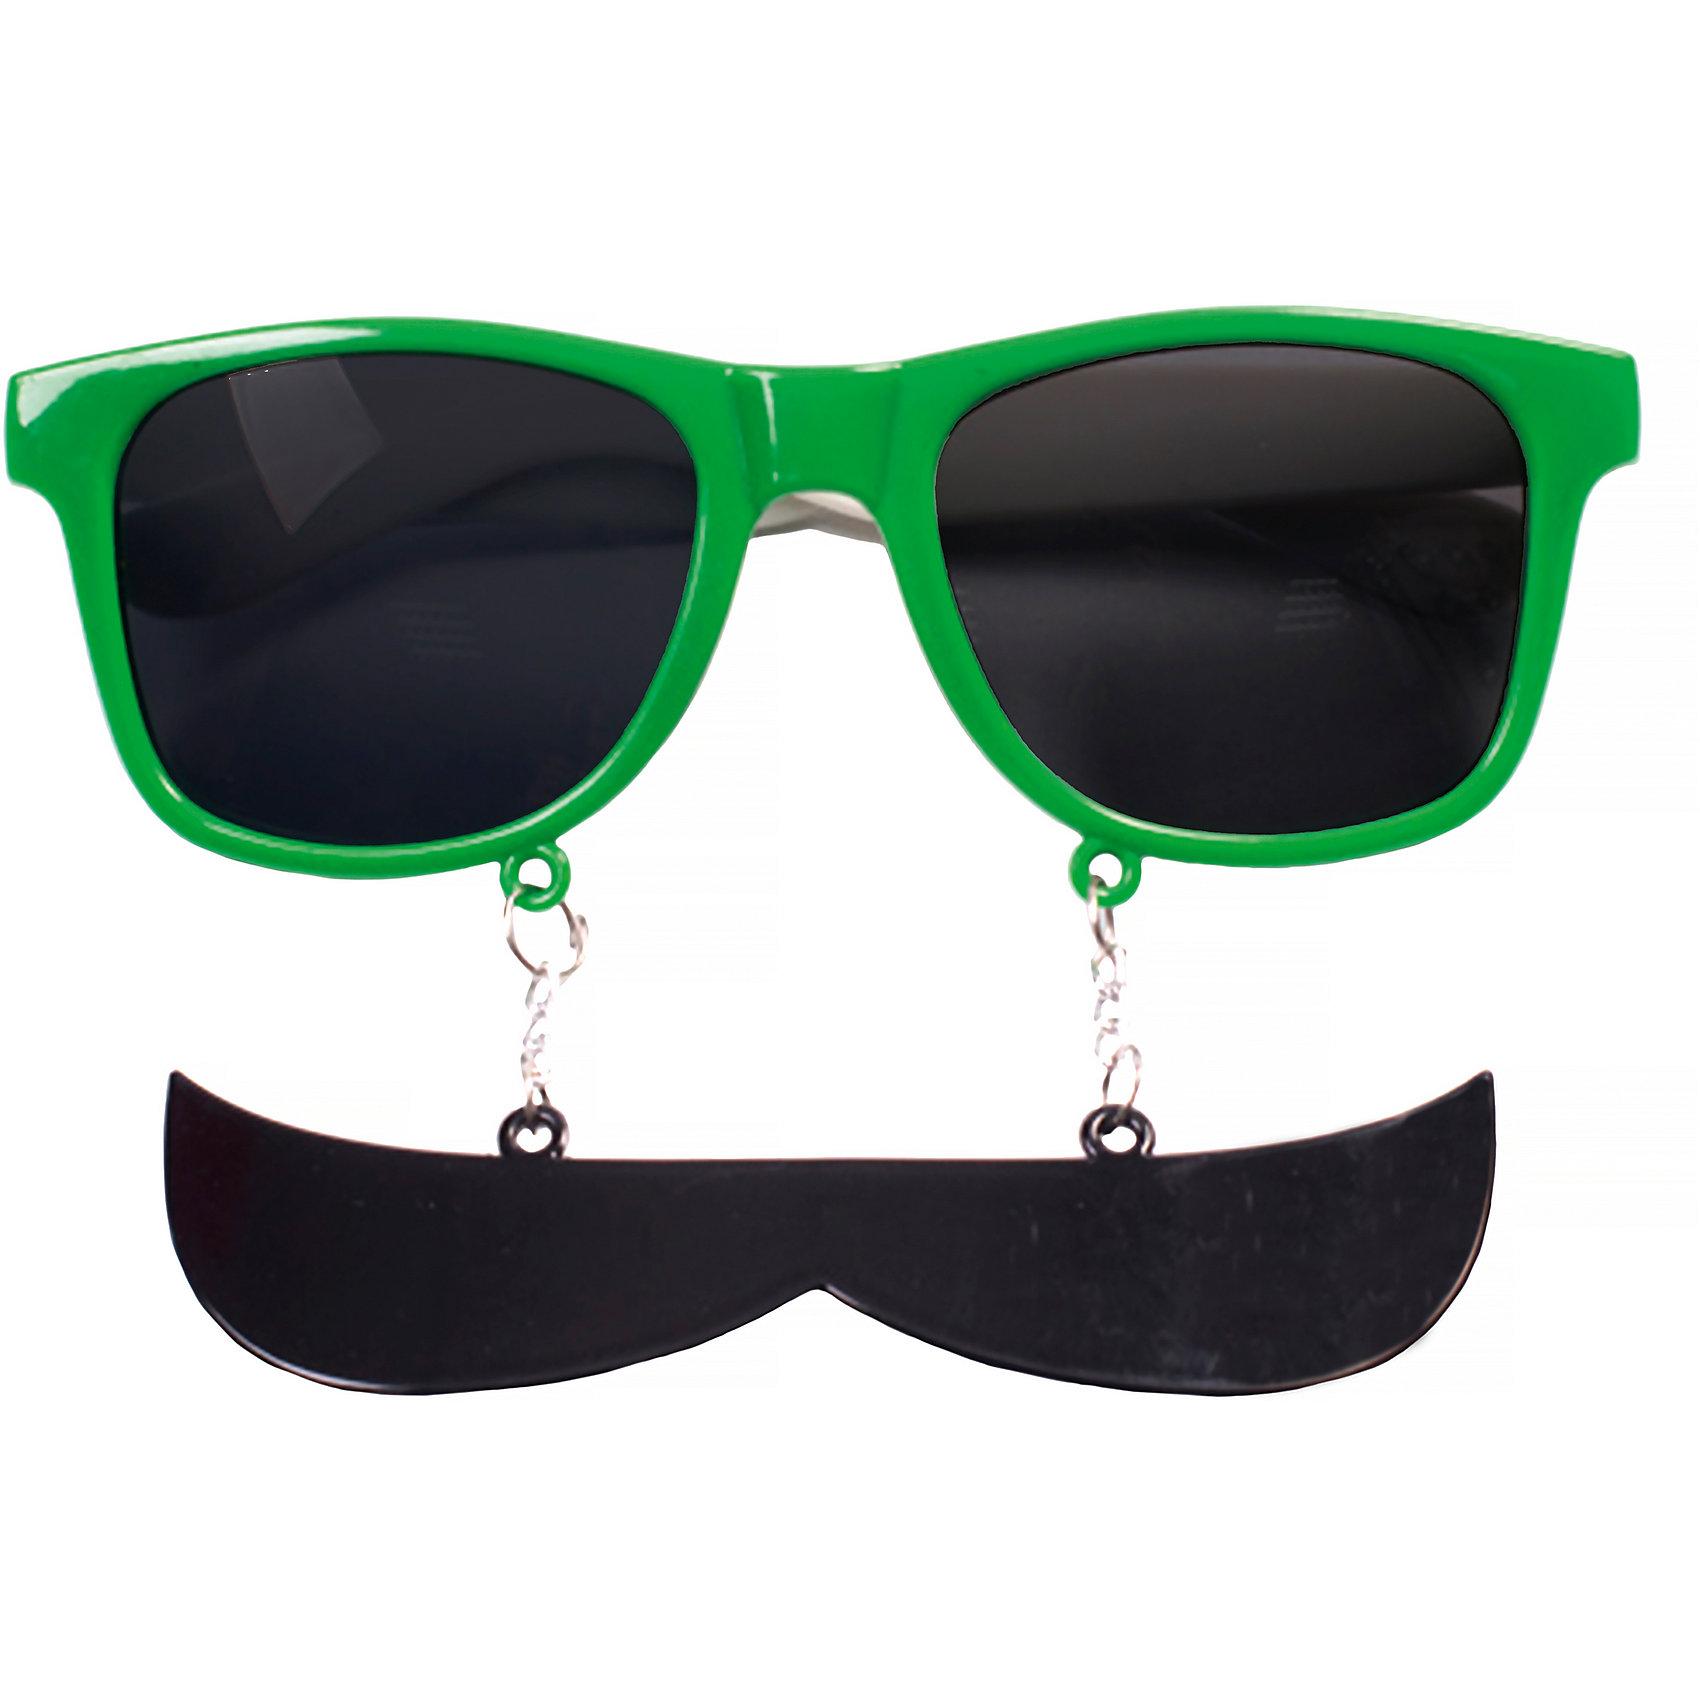 Карнавальные очки Усы зеленые из пластикаКарнавальные аксессуары для детей<br><br><br>Ширина мм: 150<br>Глубина мм: 60<br>Высота мм: 30<br>Вес г: 44<br>Возраст от месяцев: 24<br>Возраст до месяцев: 2147483647<br>Пол: Унисекс<br>Возраст: Детский<br>SKU: 7128989